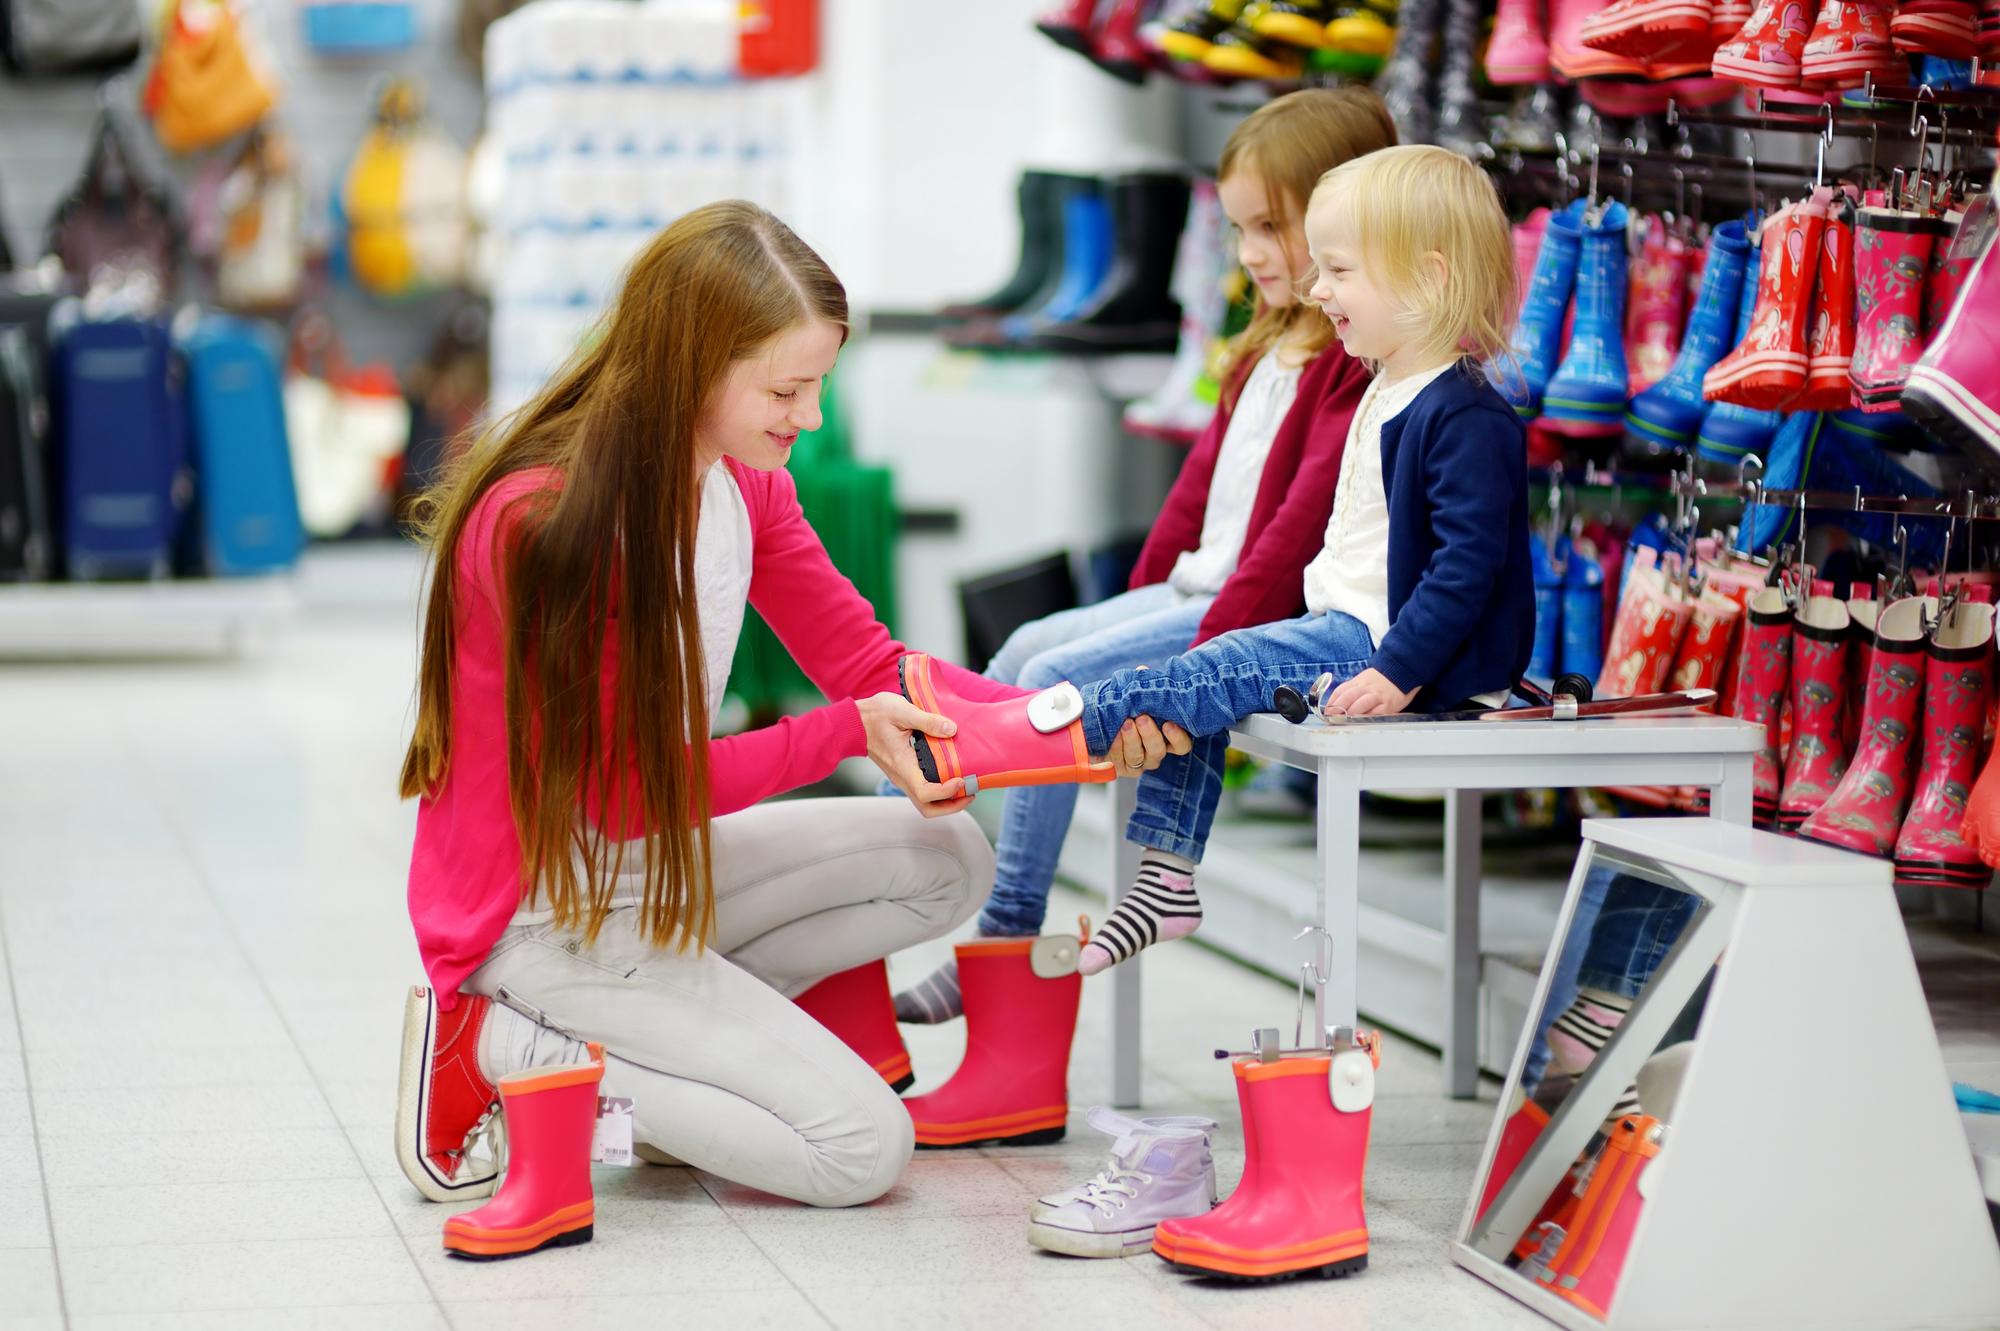 Les chaussures pour enfants, oui, mais à quel âge ?